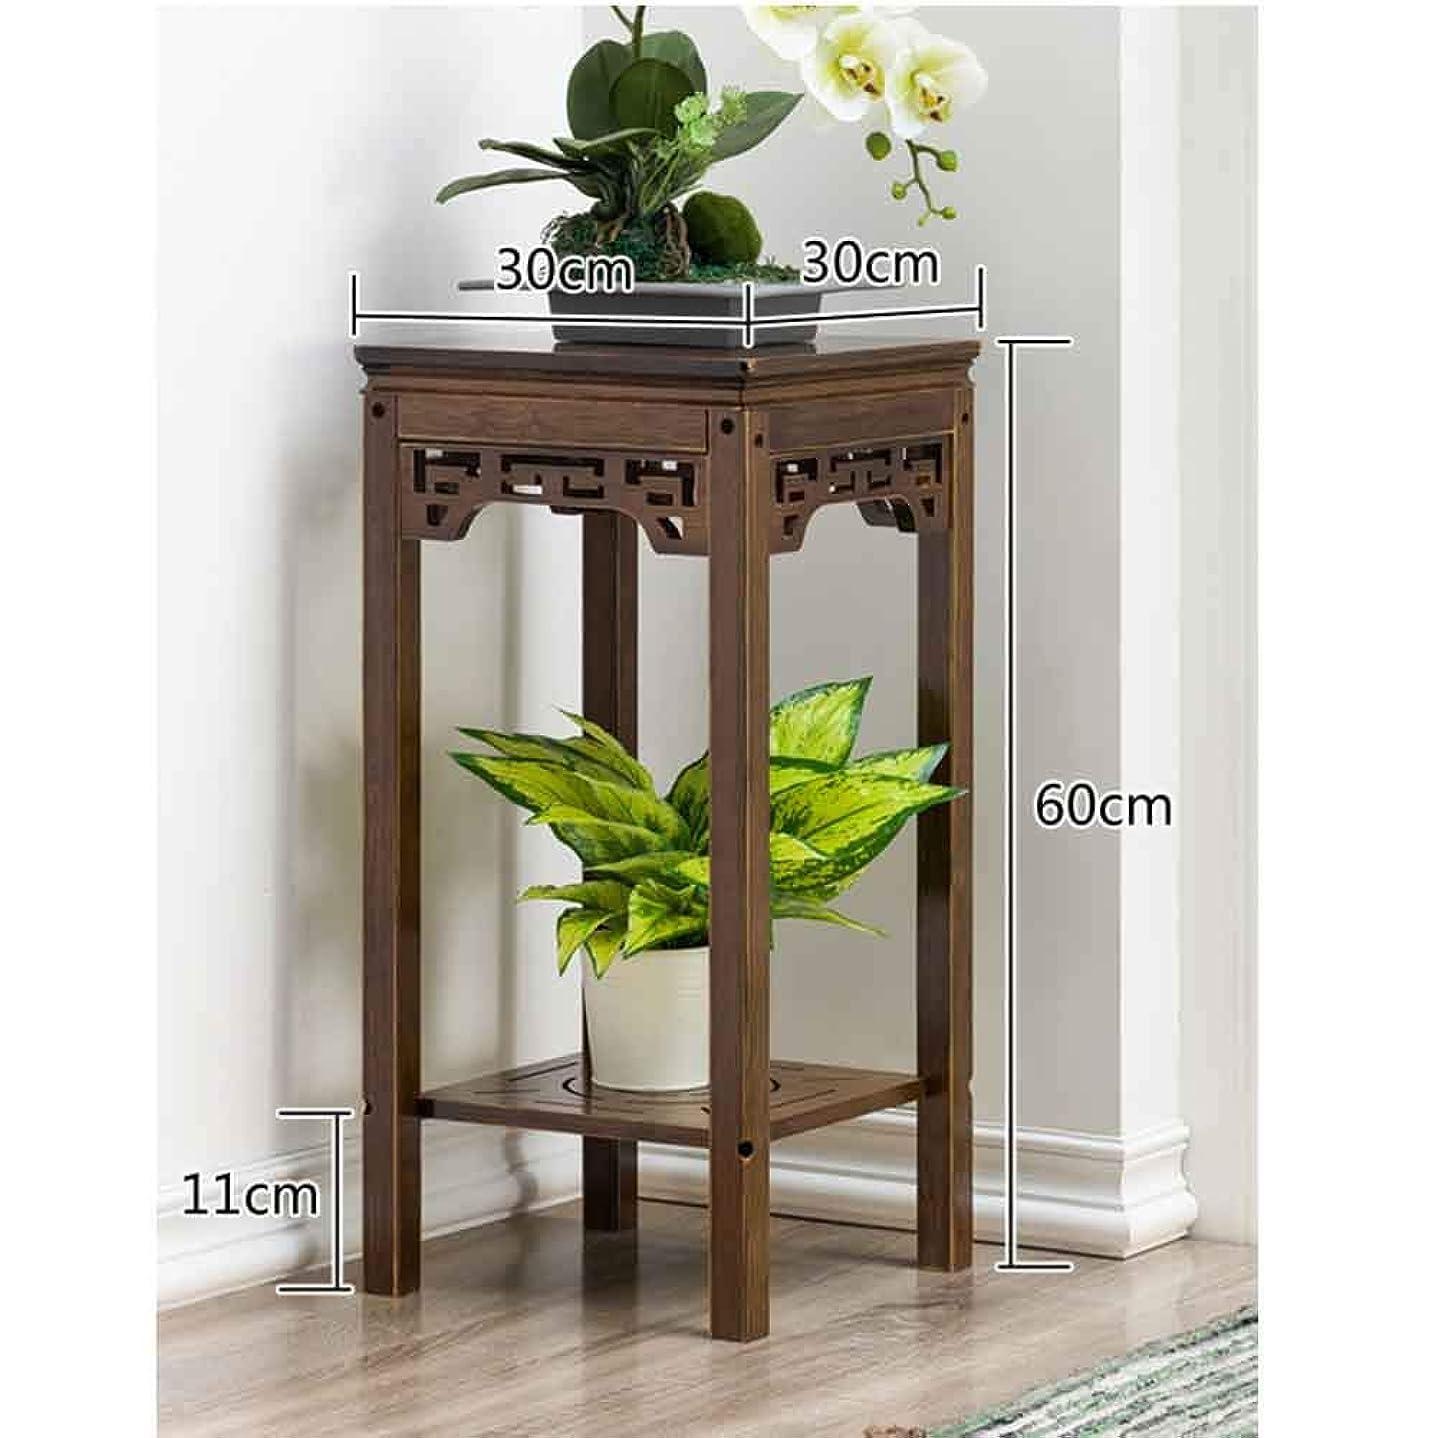 悪化させる支援錫100% 木材 プラントスタンド 中国語 れ フラワー ラック, 環境保護 植物のディスプレイ スタンド ユーティリティ 本棚 木製を棚します。-a 30x30x60cm